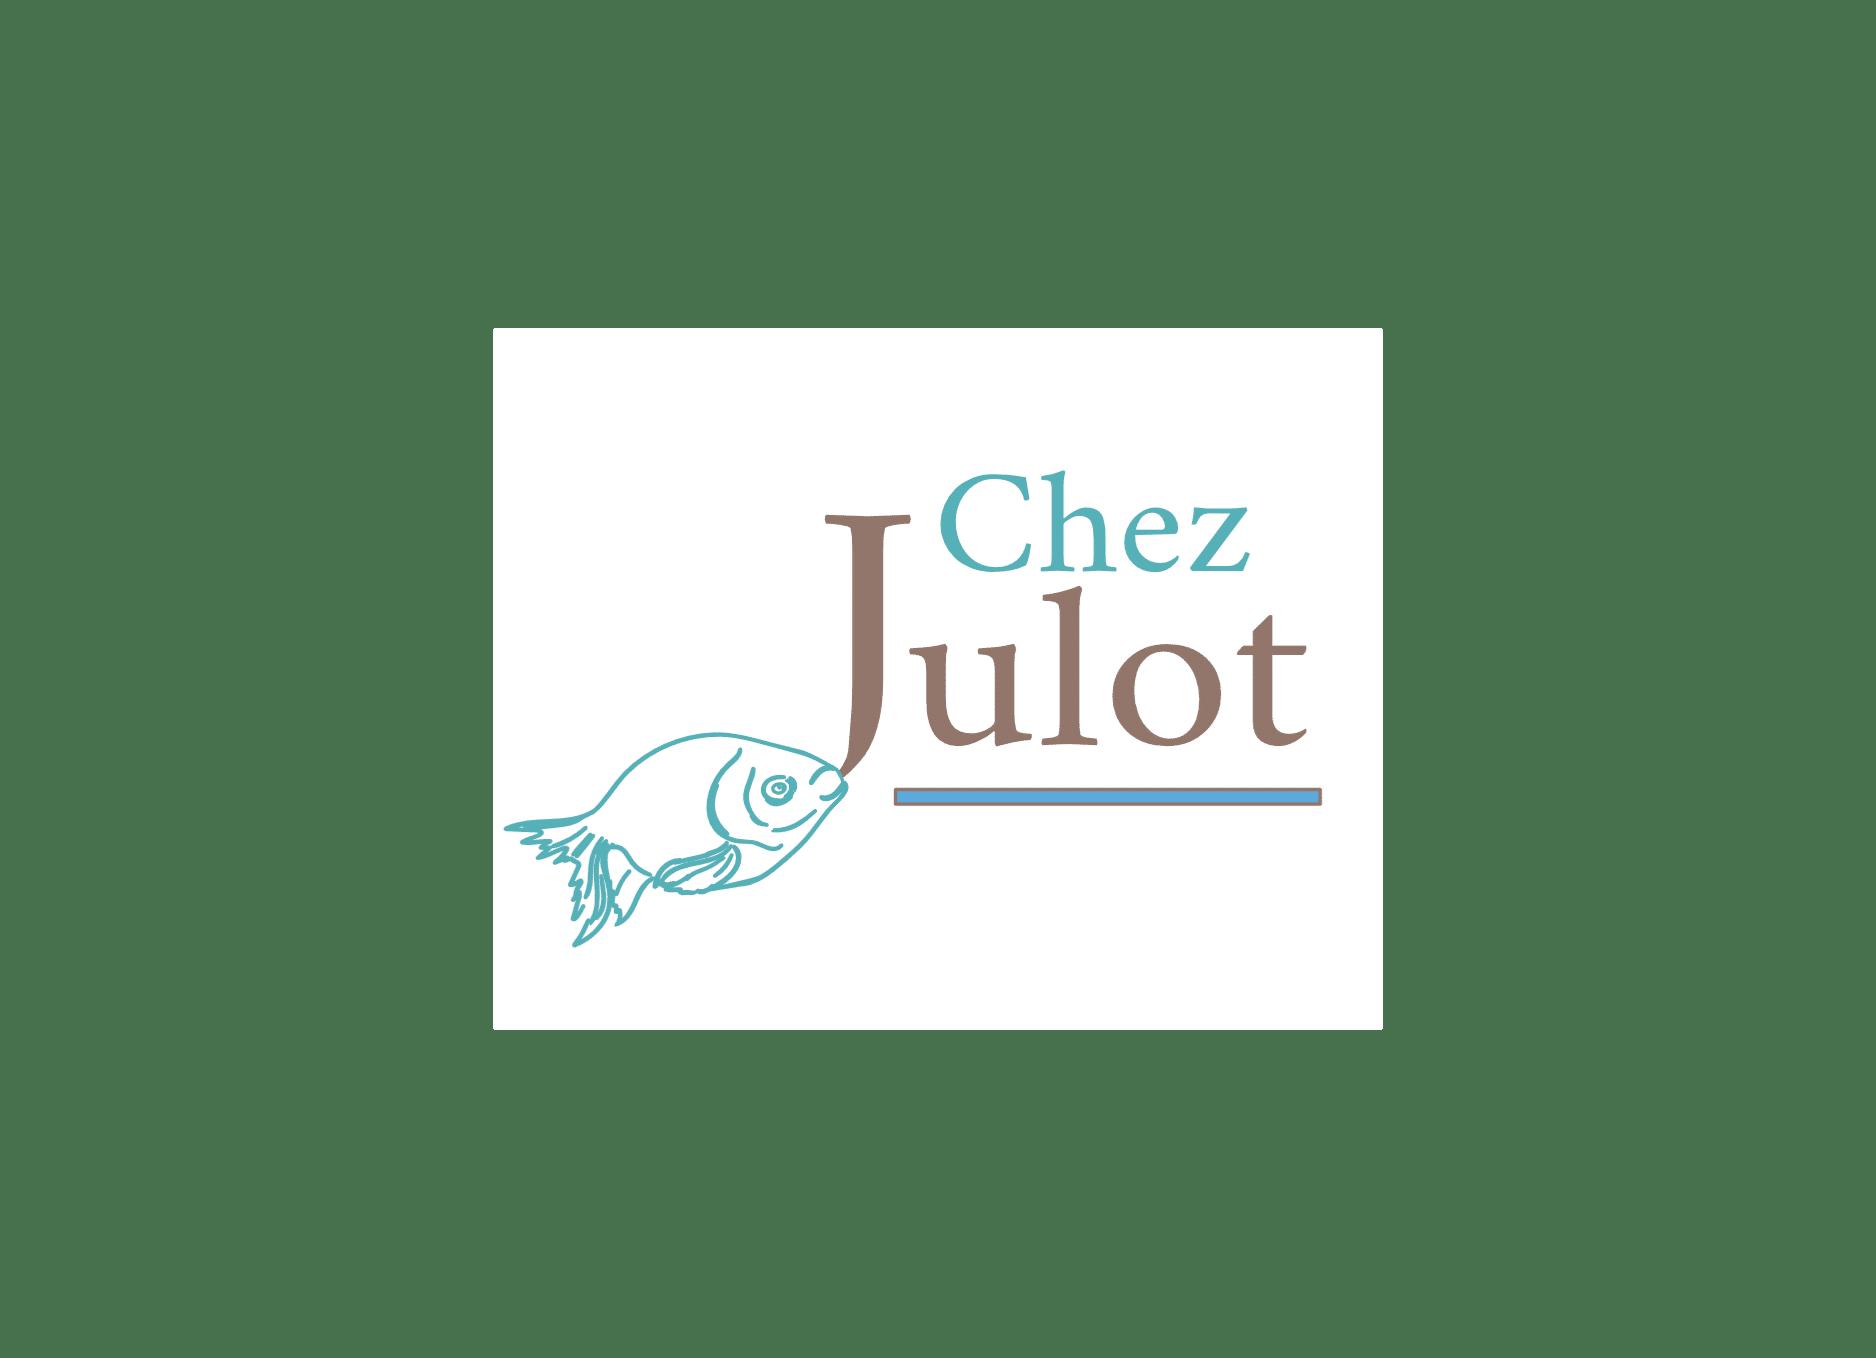 Chez Julot minillogo